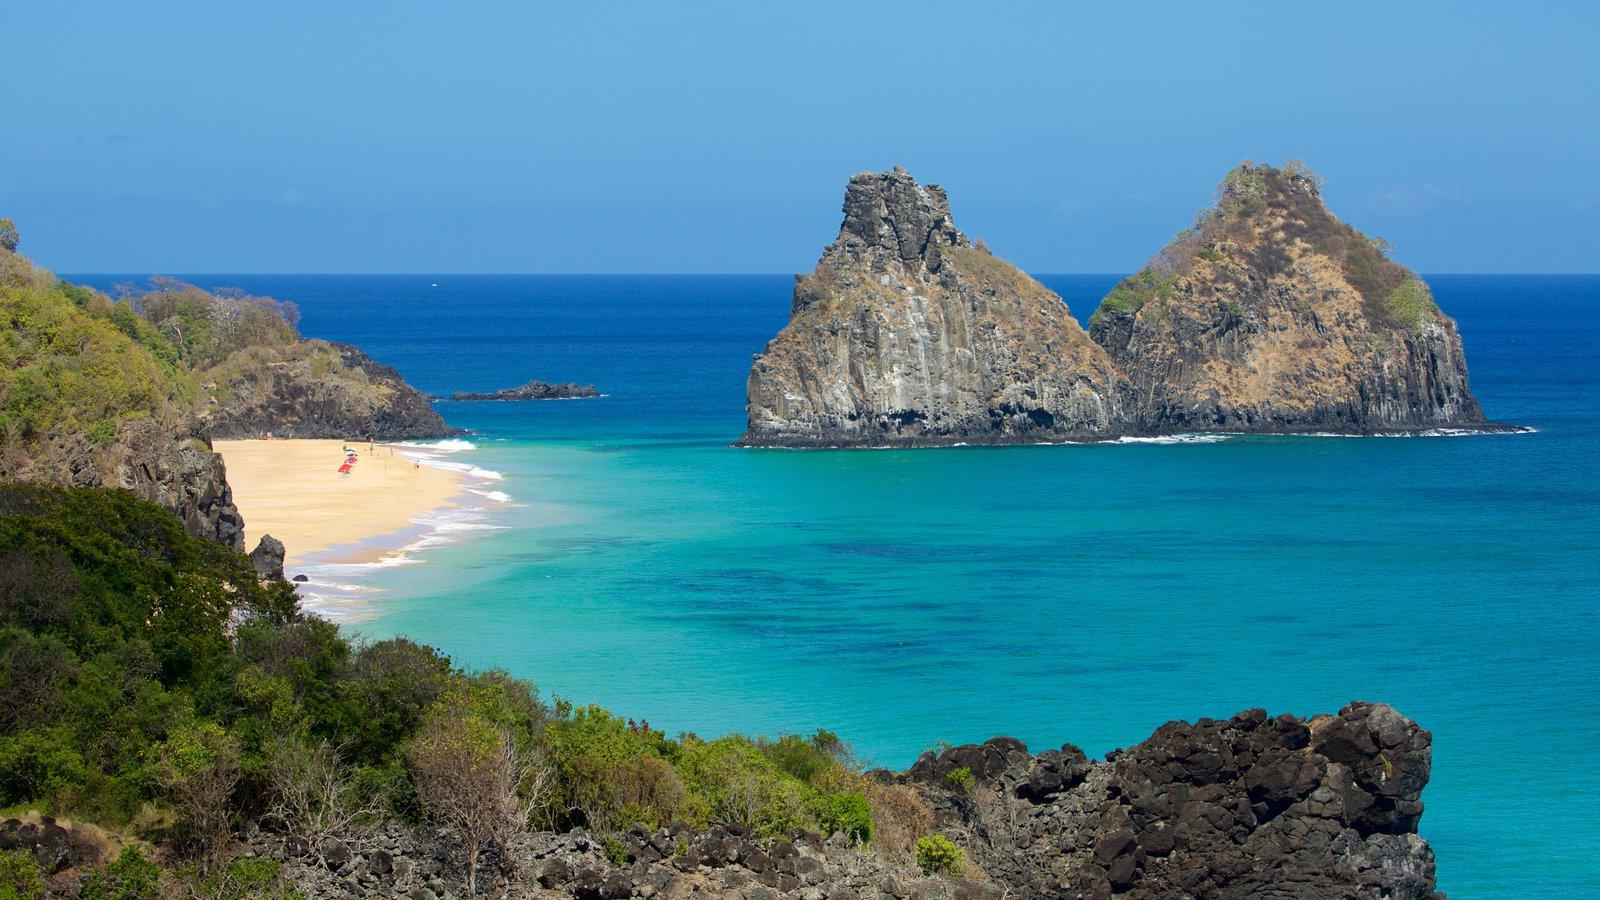 Morro Dois Irmãos mostrando litoral rochoso, uma praia e imagens da ilha